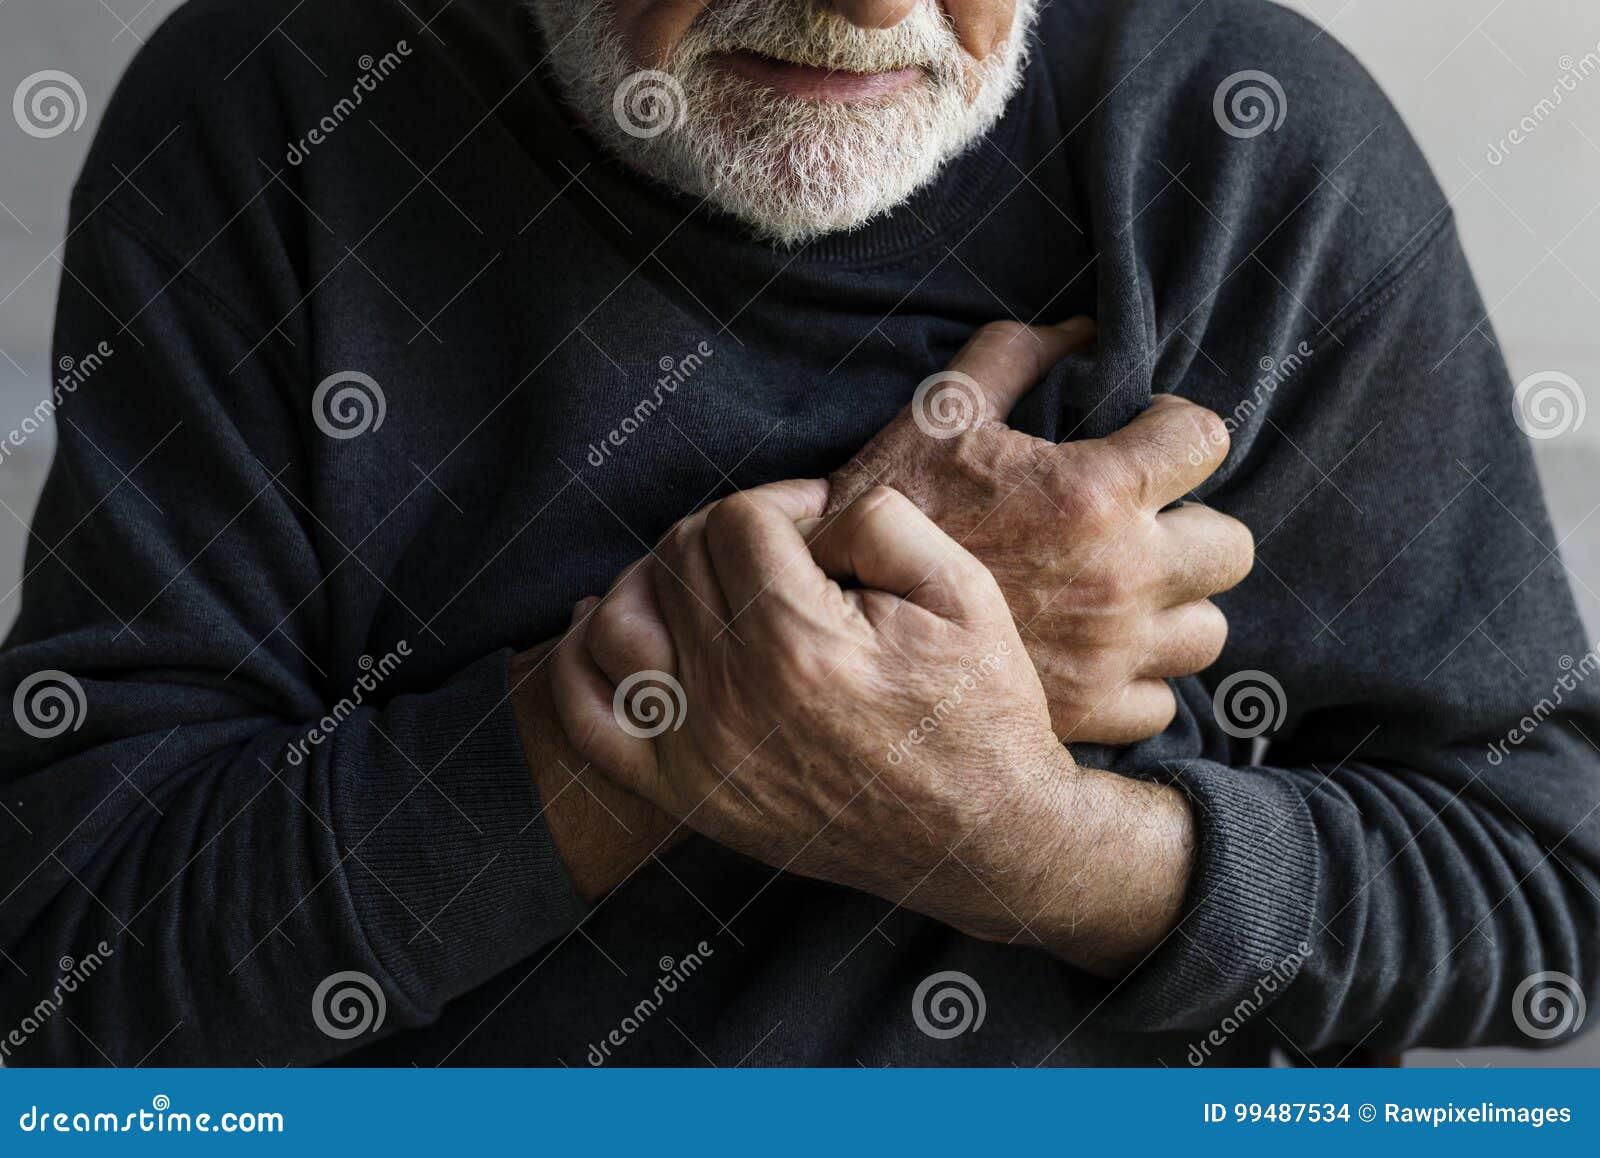 Een bejaarde heeft een hartaanval met borstpijn